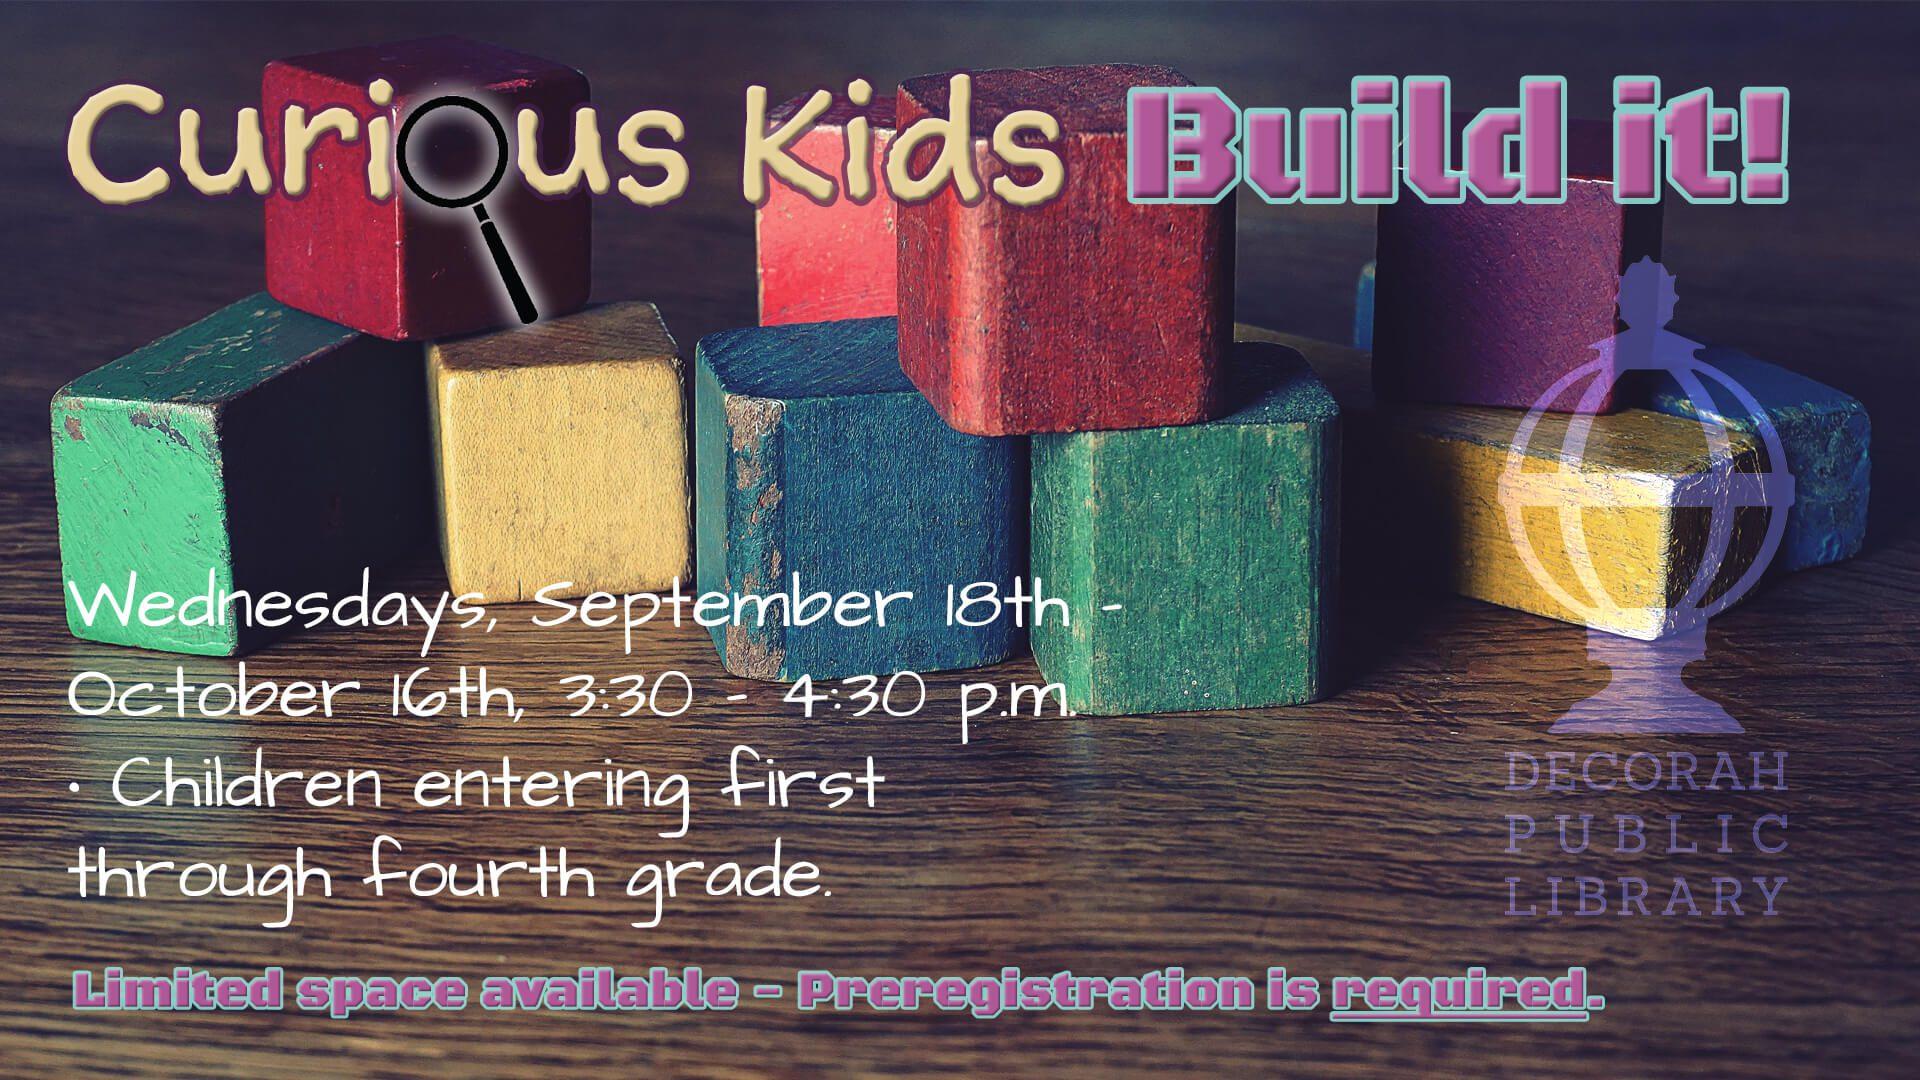 Curious Kids Build It